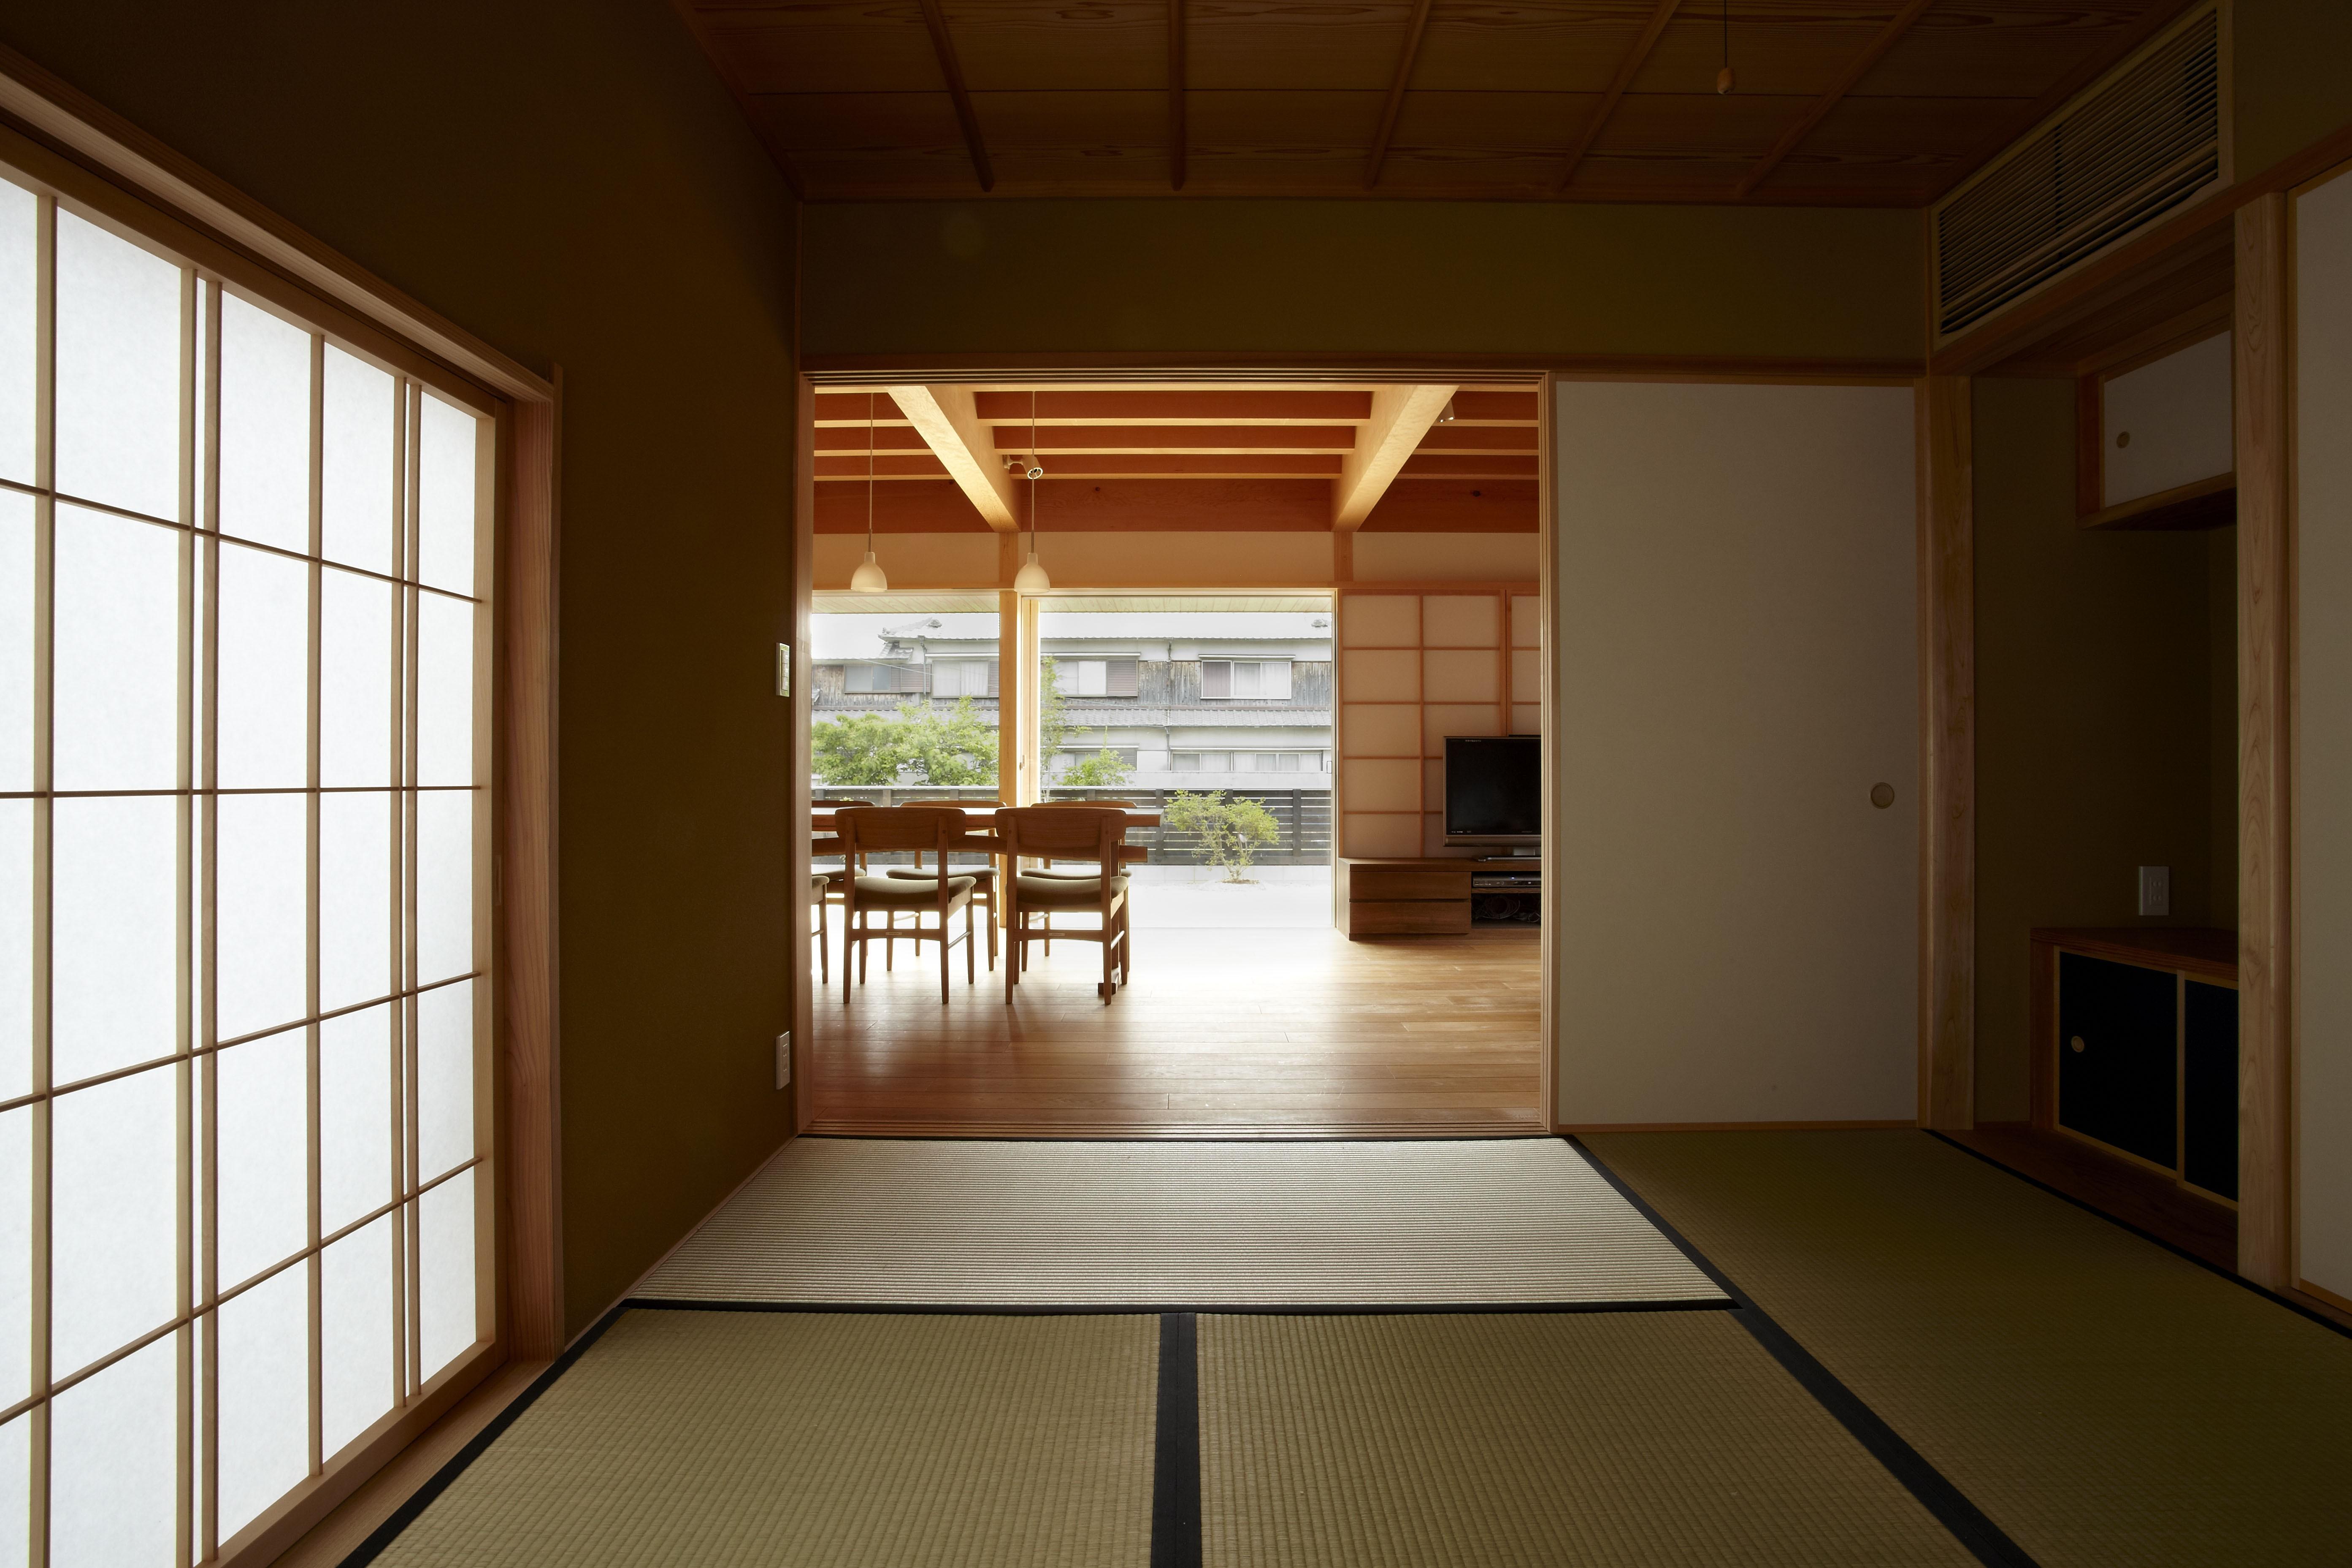 その他事例:和室より見る(ウッドデッキで繋がる空間|趣味を楽しむ住まい 姫路の家)